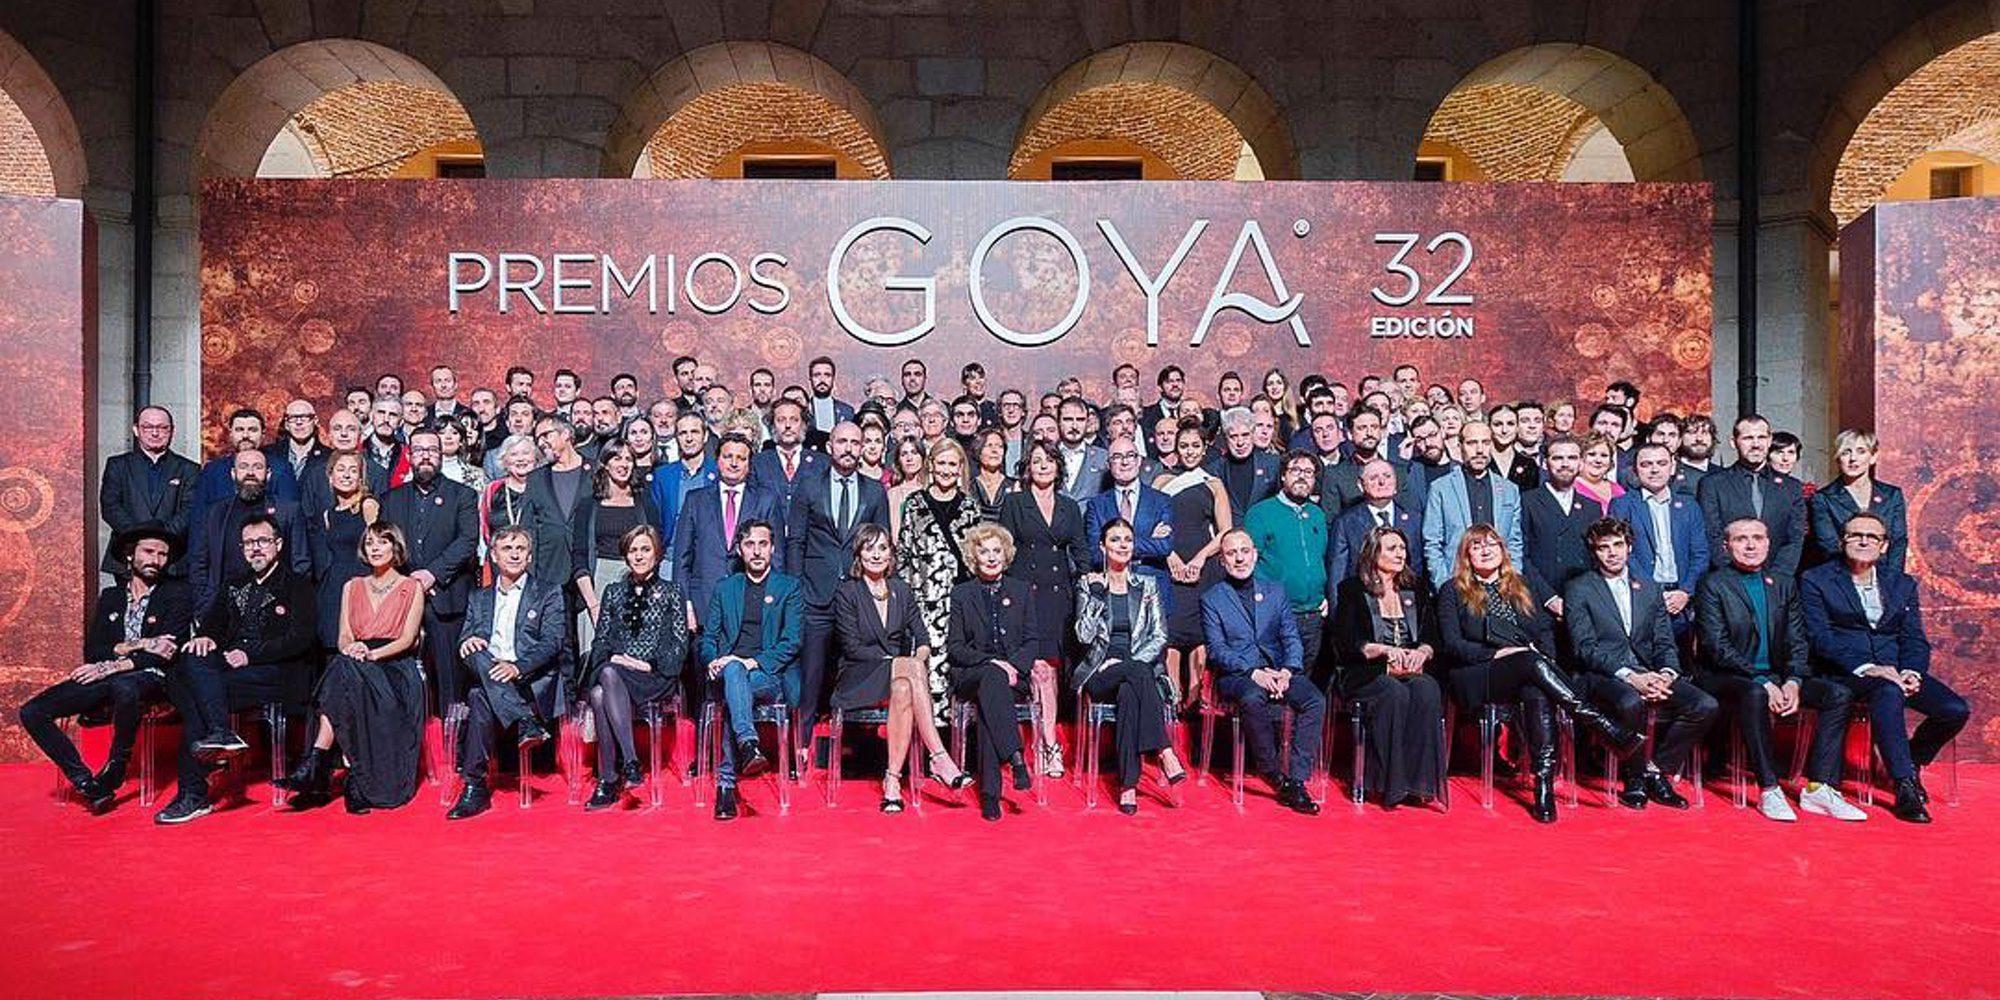 Los Premios Goya 2018 denunciarán la desigualdad de género a través de unos abanicos rojos